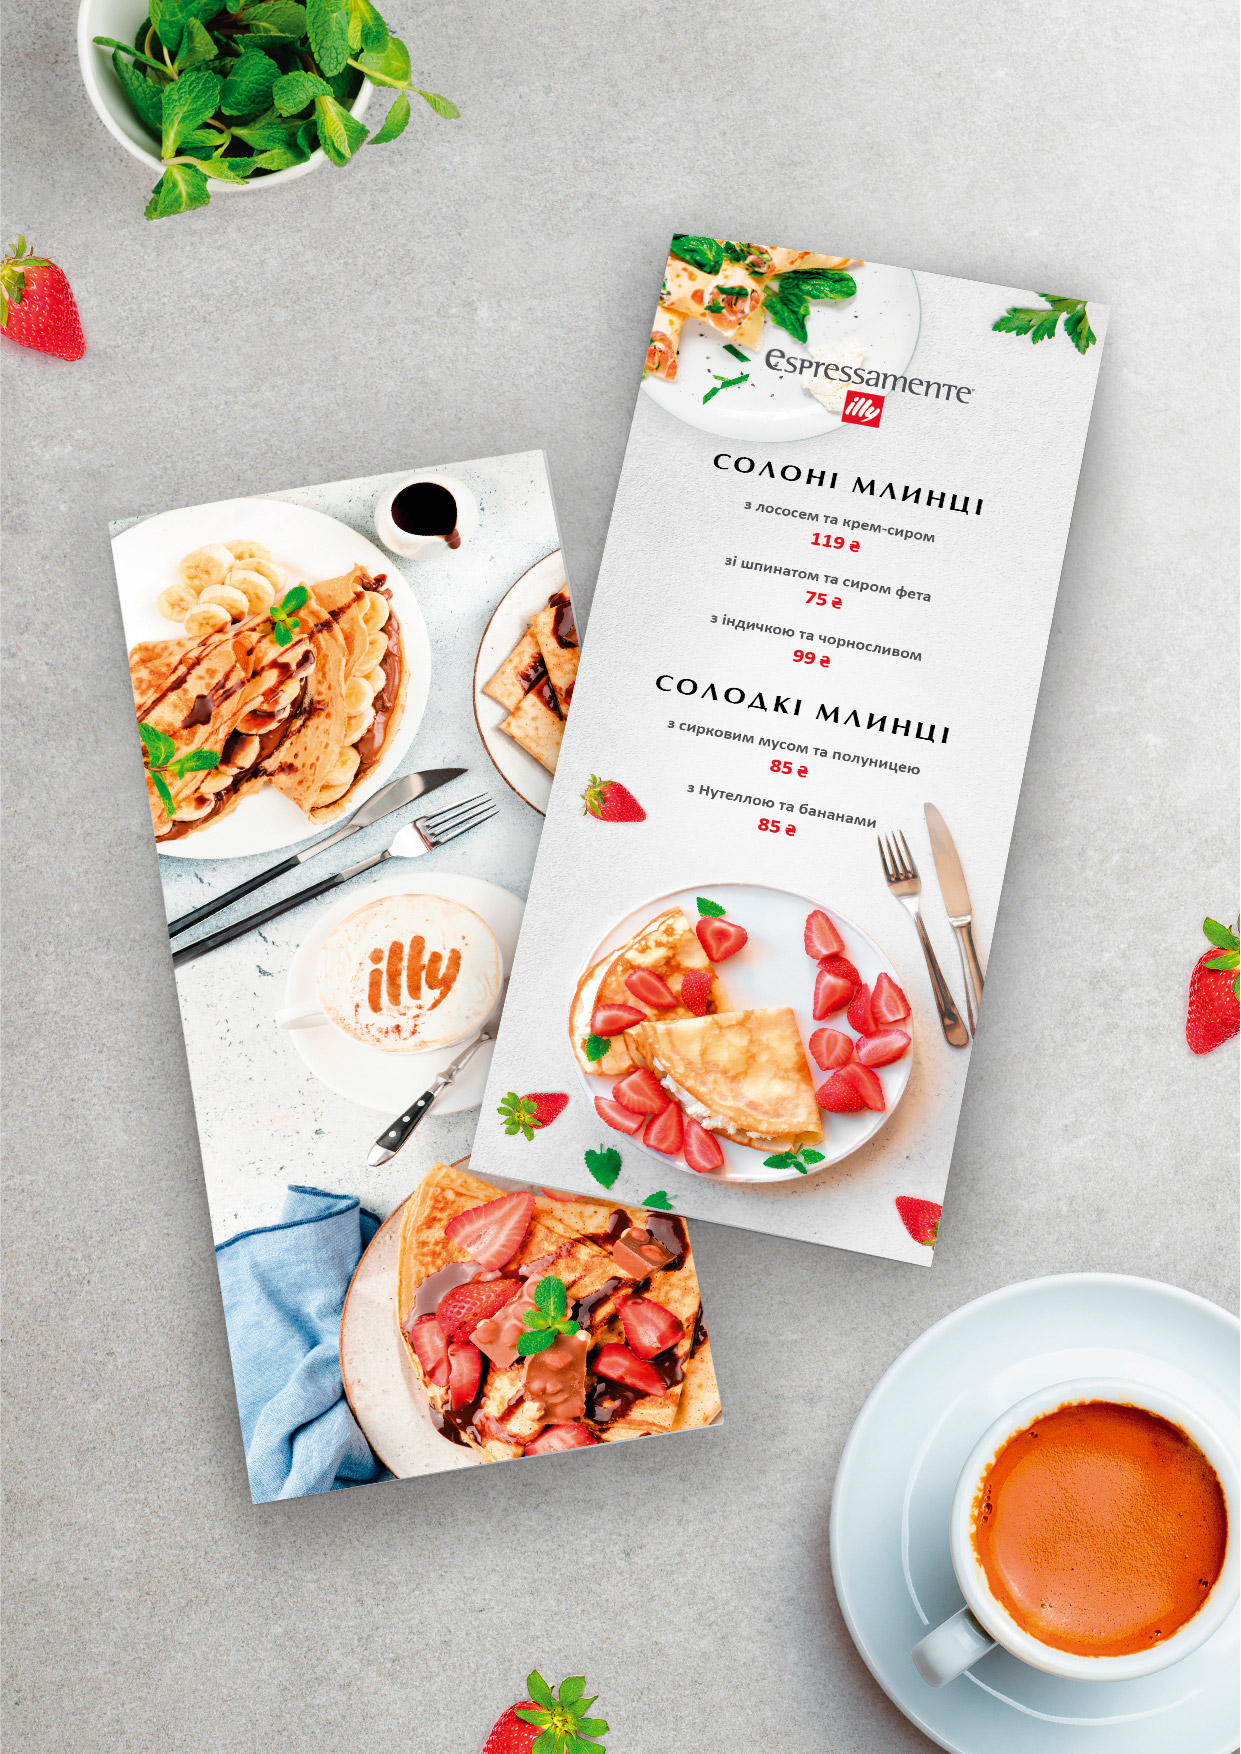 Разработка дизайна меню ресторана Киев. ESPRESOMENTE ILLY